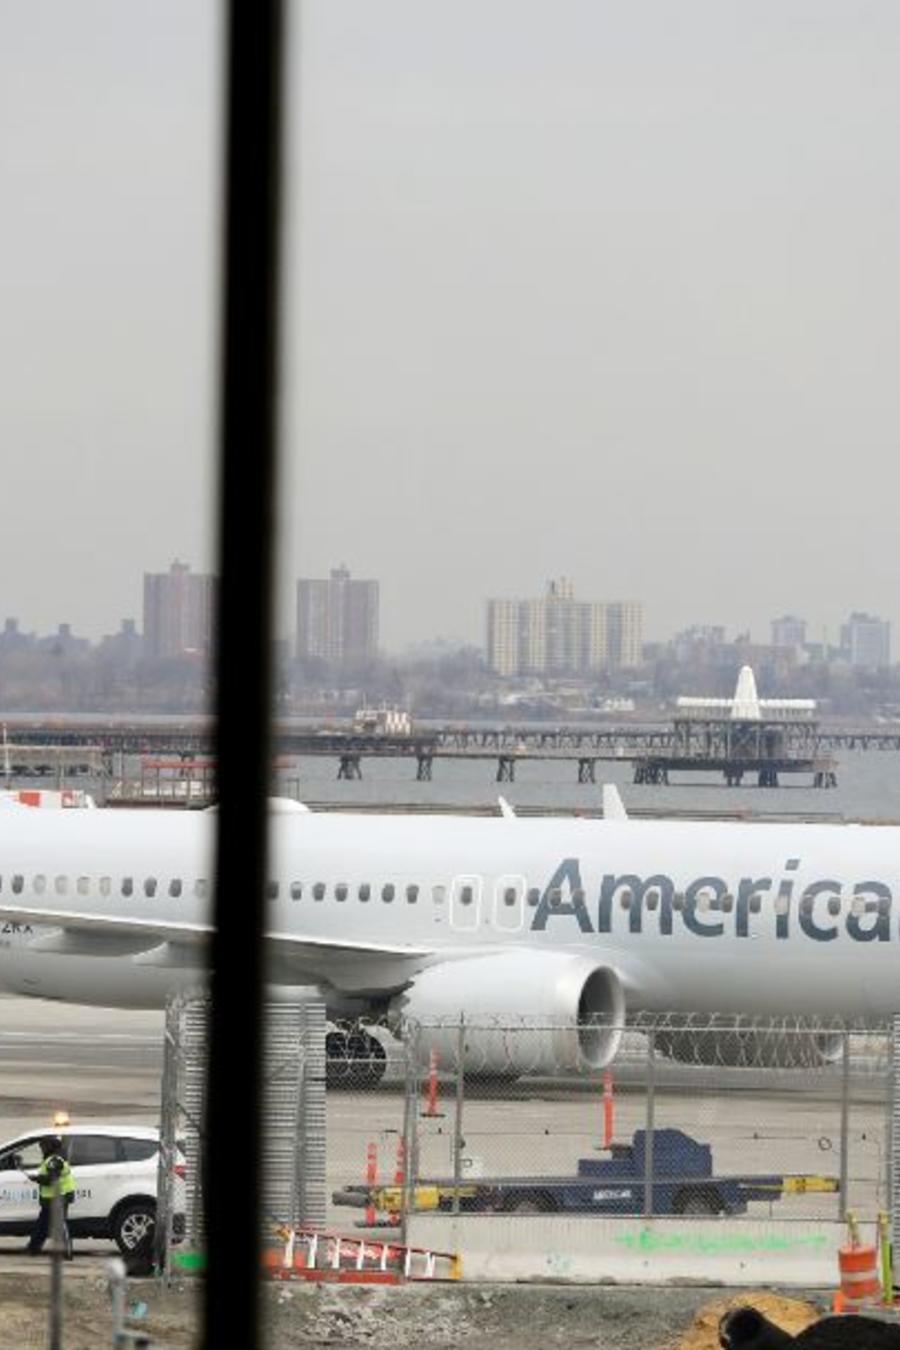 Un Boeing 737 Max 8 de la compañía American Airlines a punto de aterrizar en el aeropuerto de LaGuardia en Nueva York